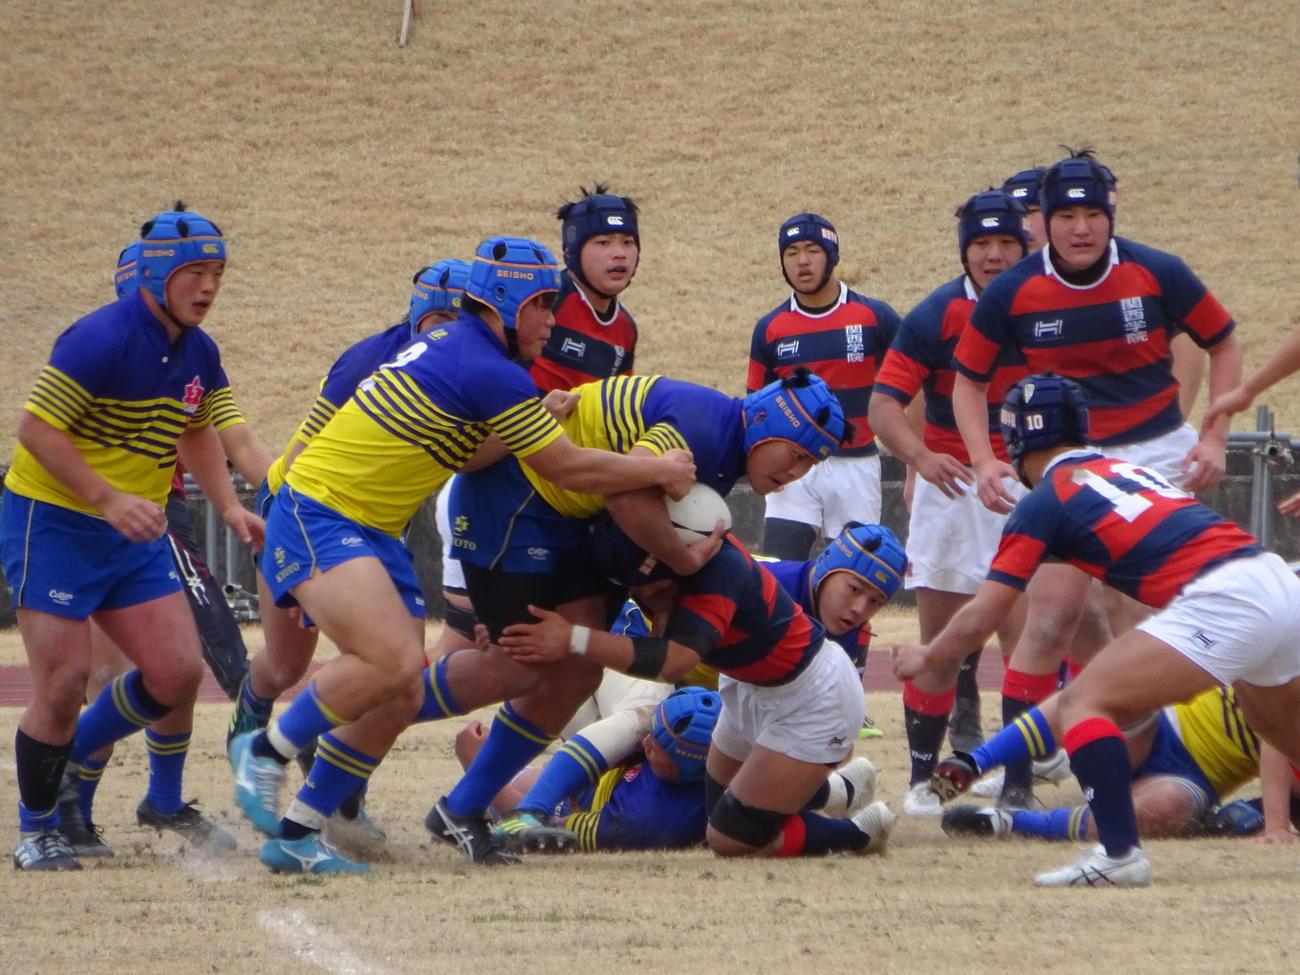 関西学院を破り、近畿地区の選抜大会第5代表の座を勝ち取った京都成章(左側、撮影・加藤裕一)